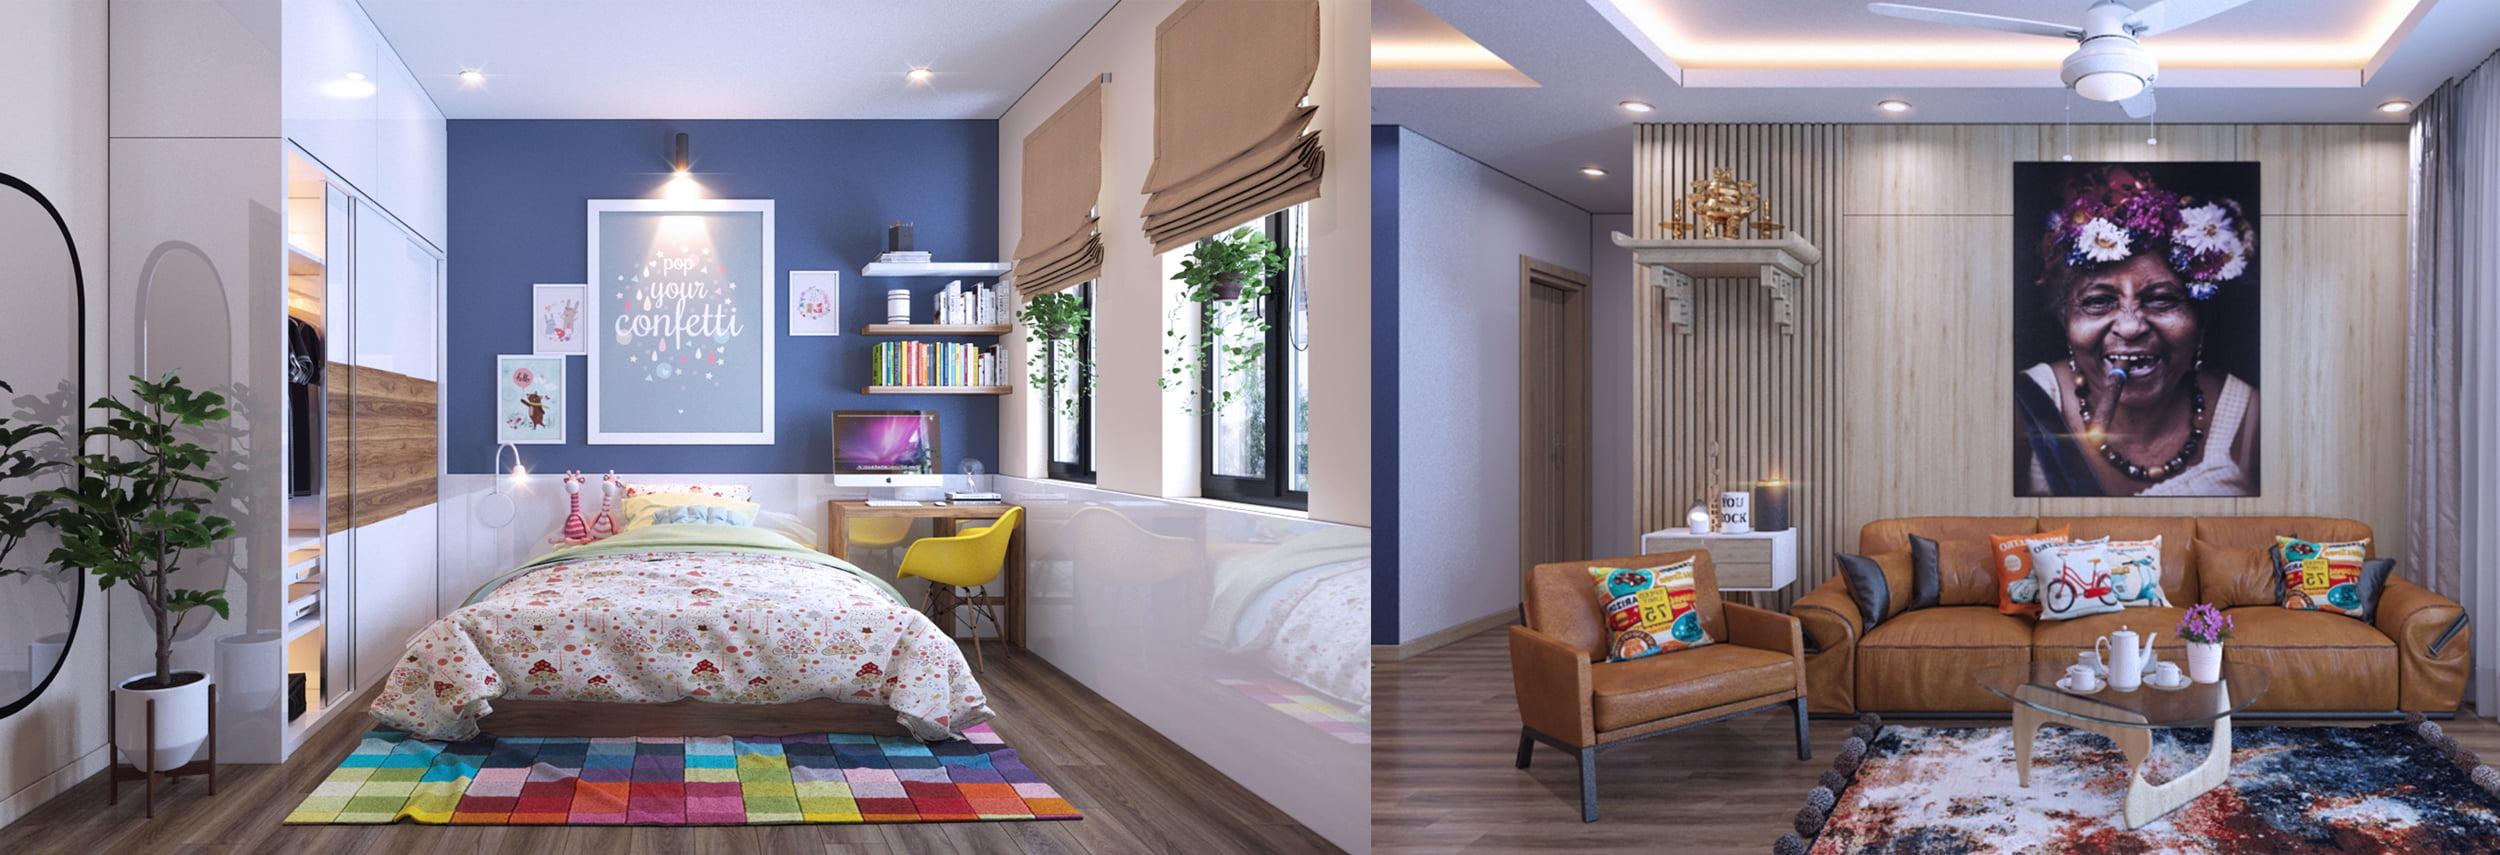 Tư vấn thiết kế nội thất hiện đại